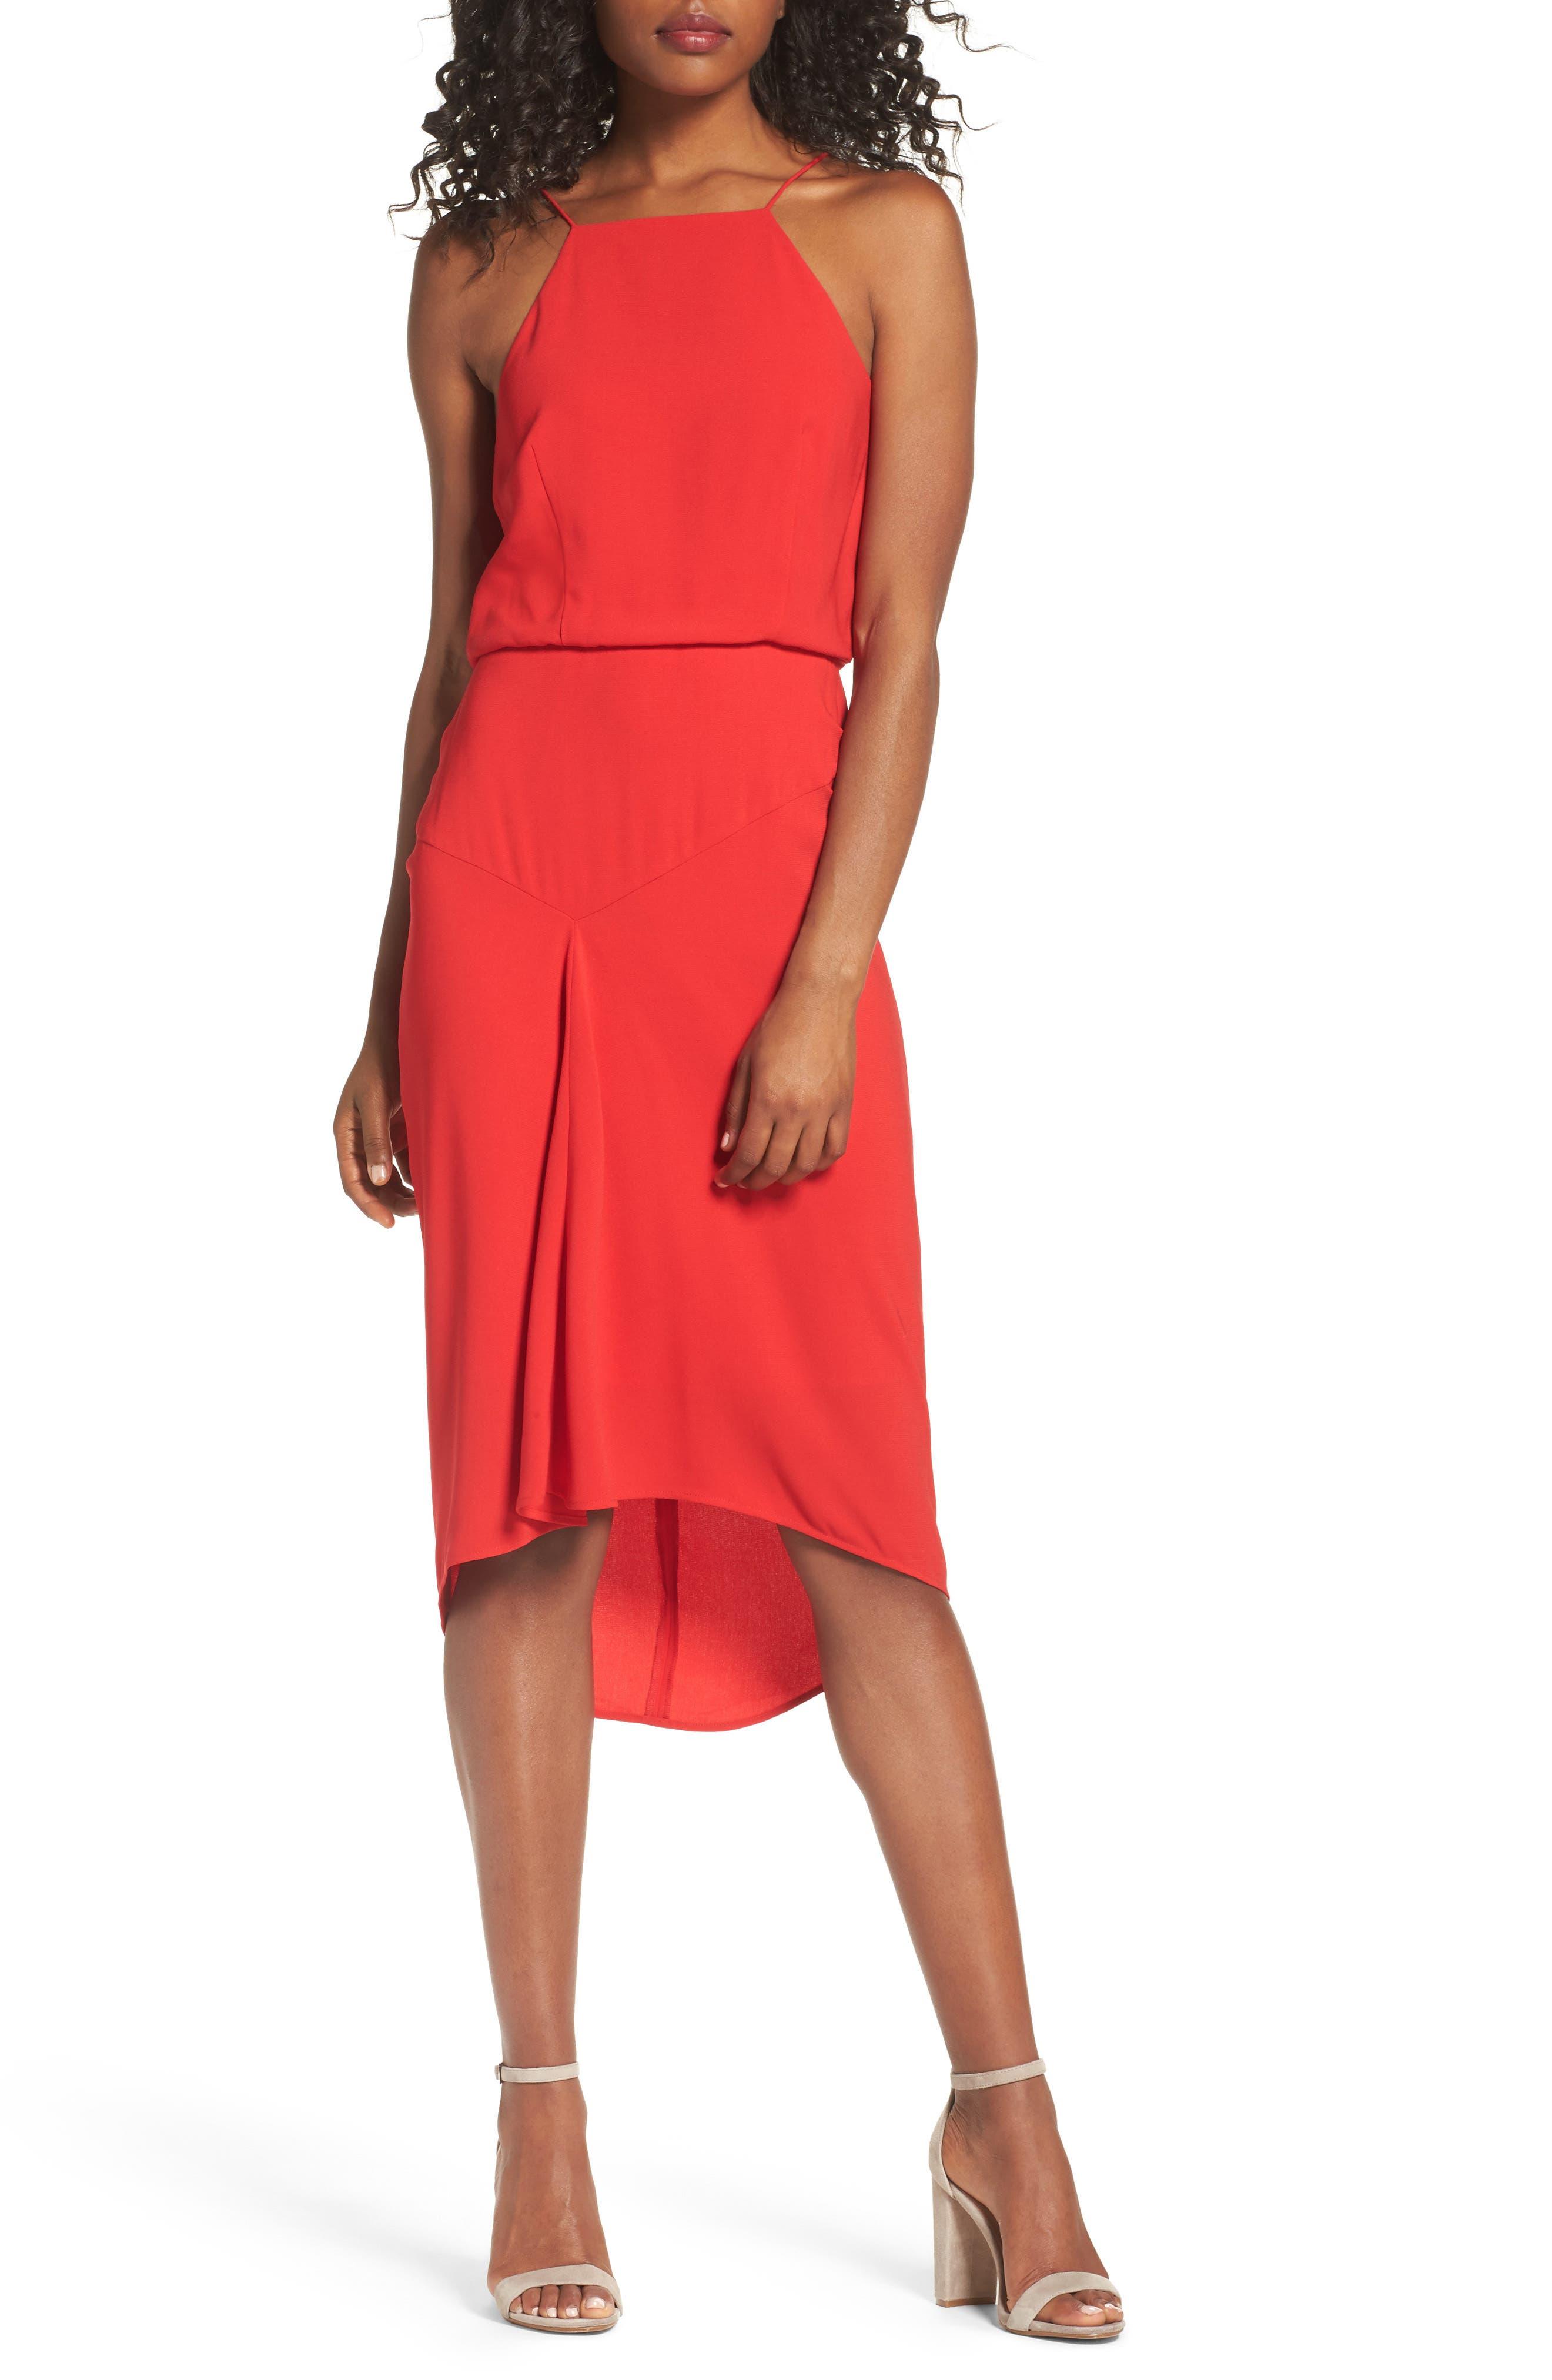 COOPER ST Shari Midi Dress